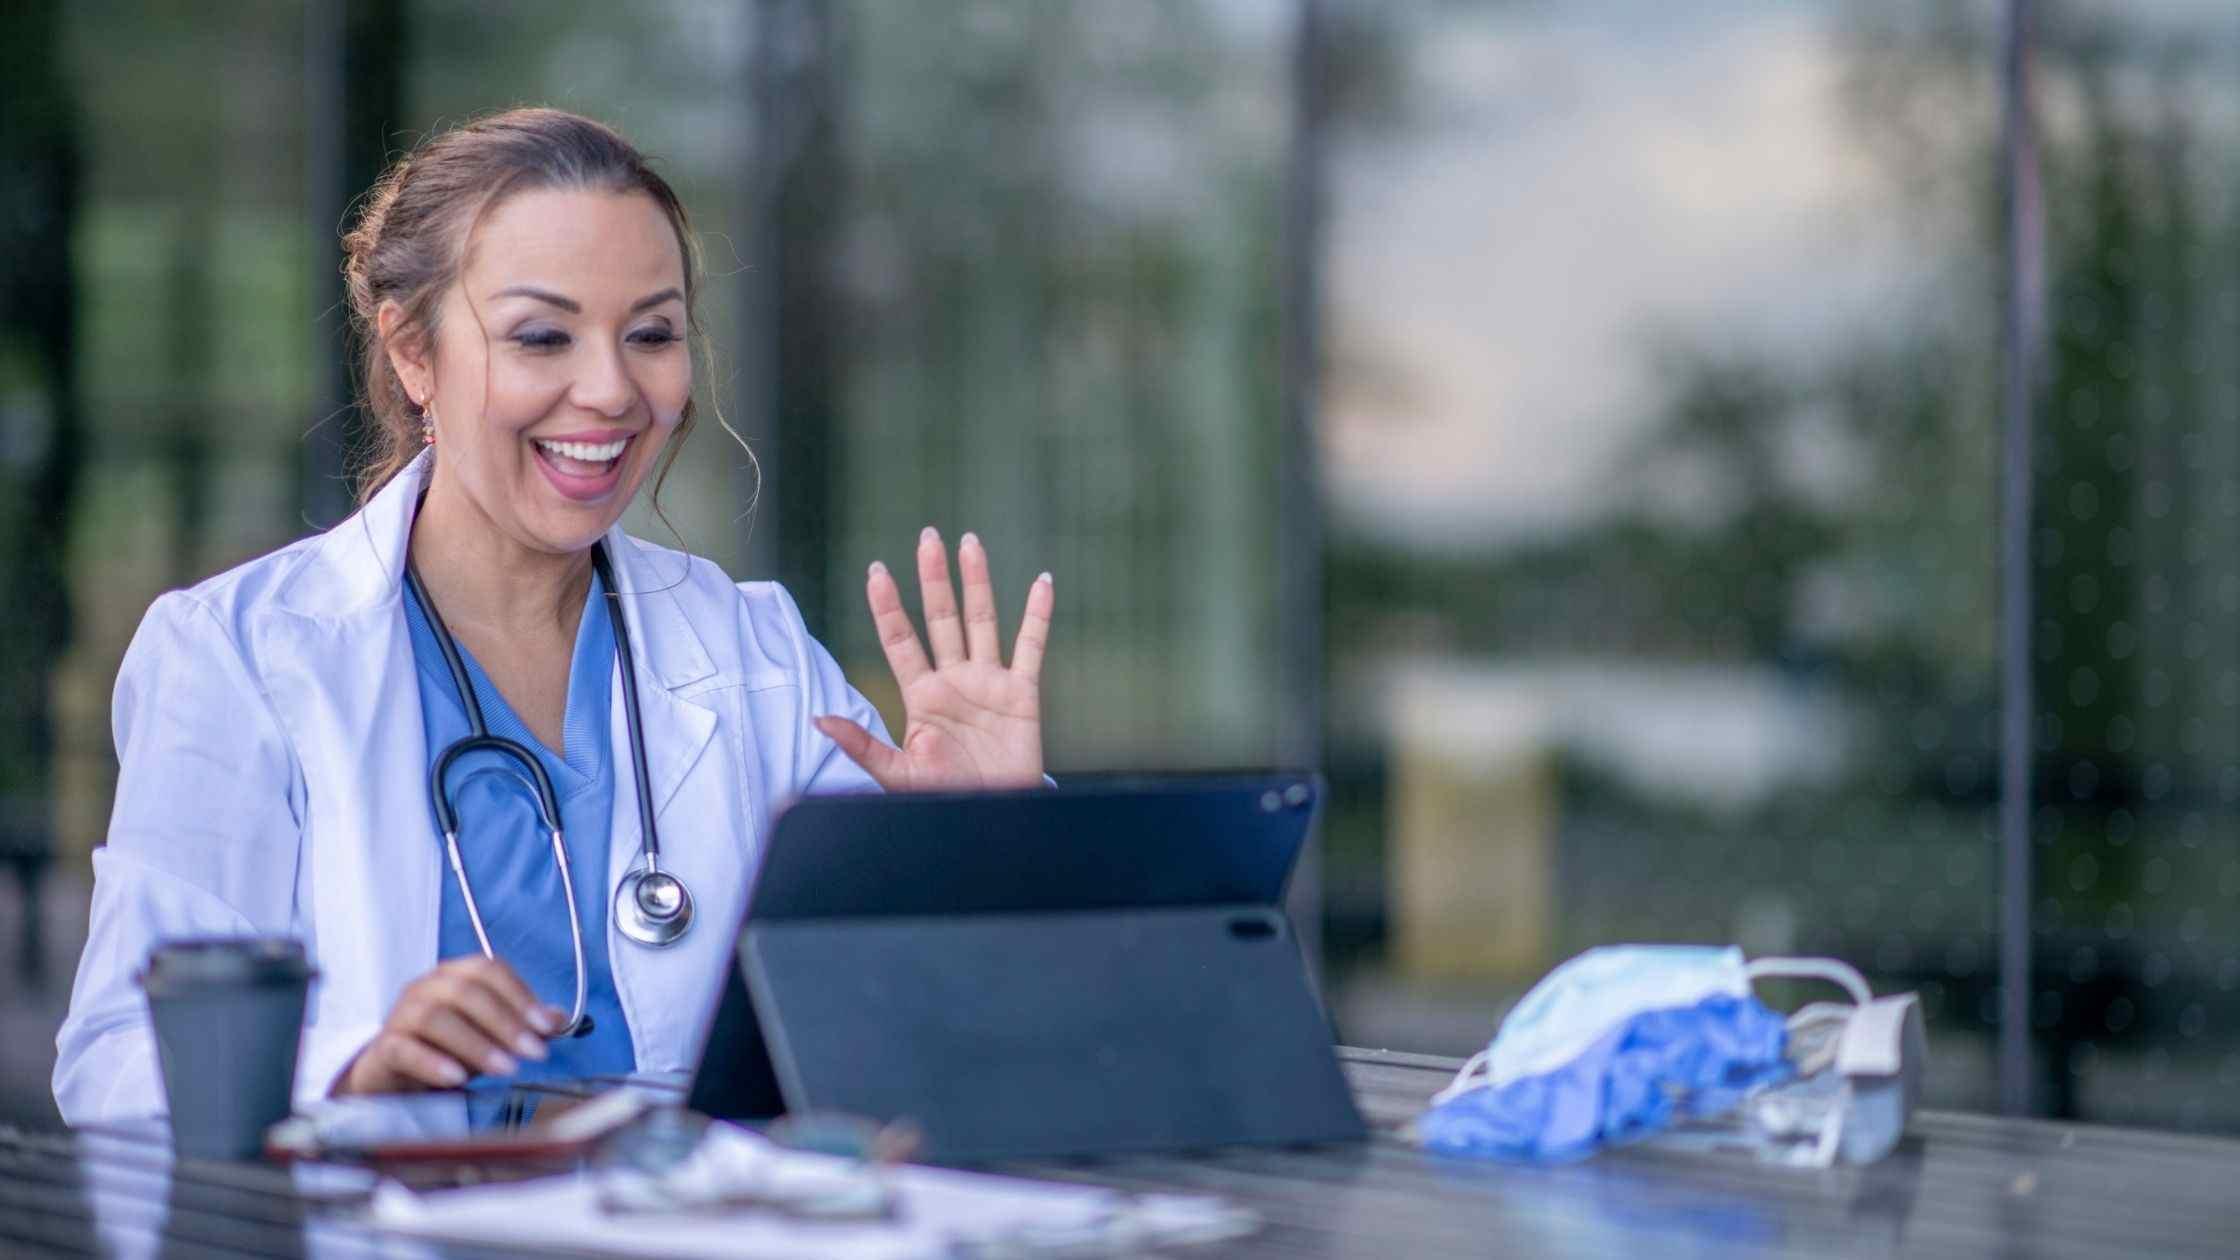 doctor treating patient online